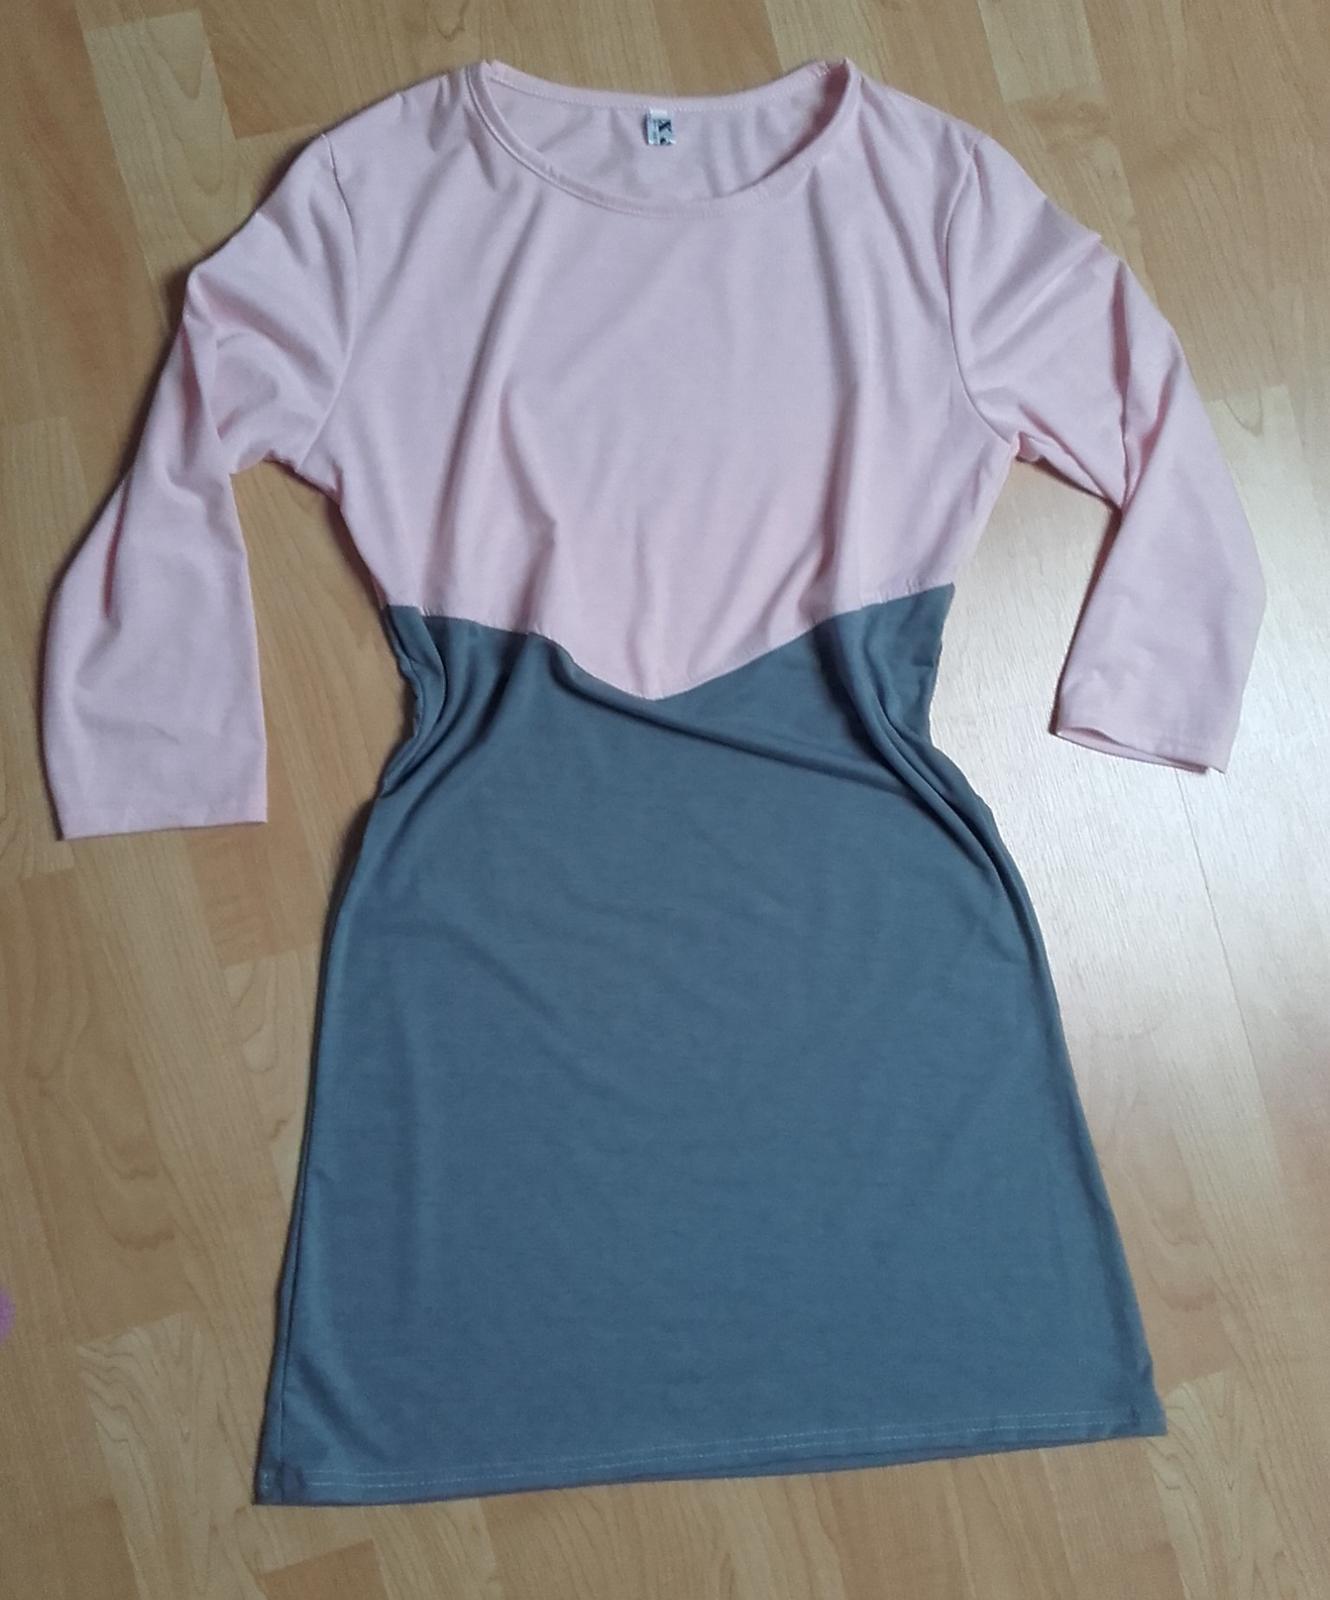 Šaty s volným střihem  - Obrázek č. 1